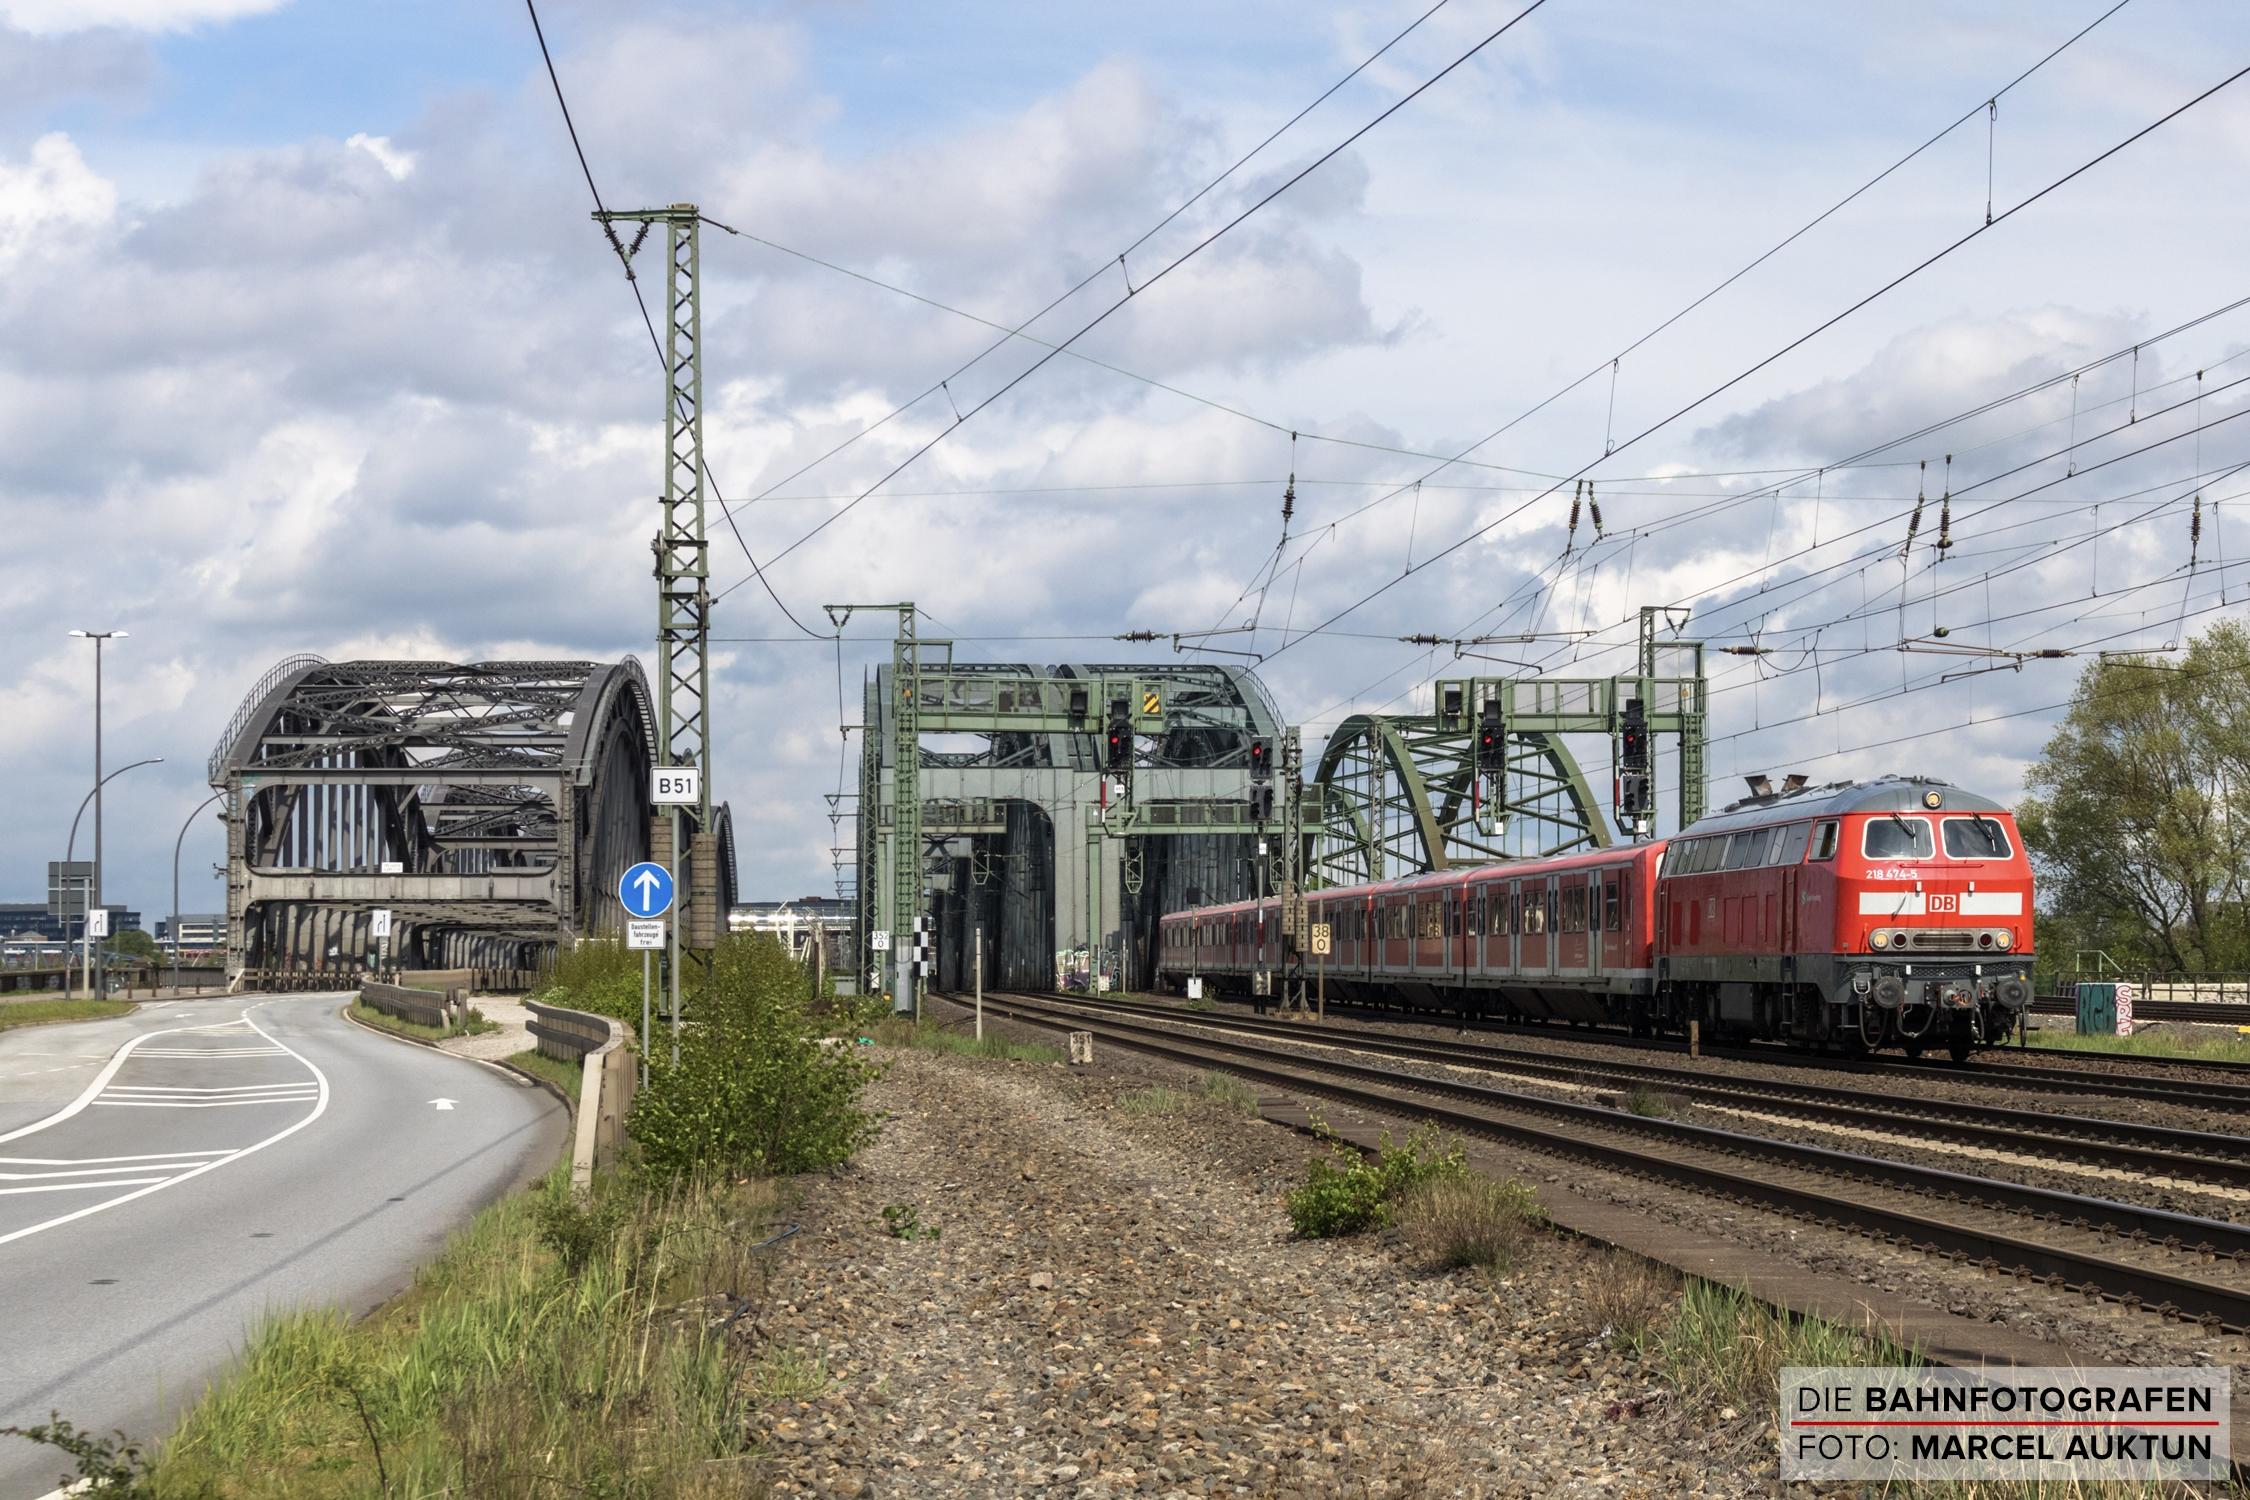 https://diebahnfotografen.de/wp-content/uploads/2020/05/218-474-472-059-472-057-Norderelbbr%C3%BCcken.jpg